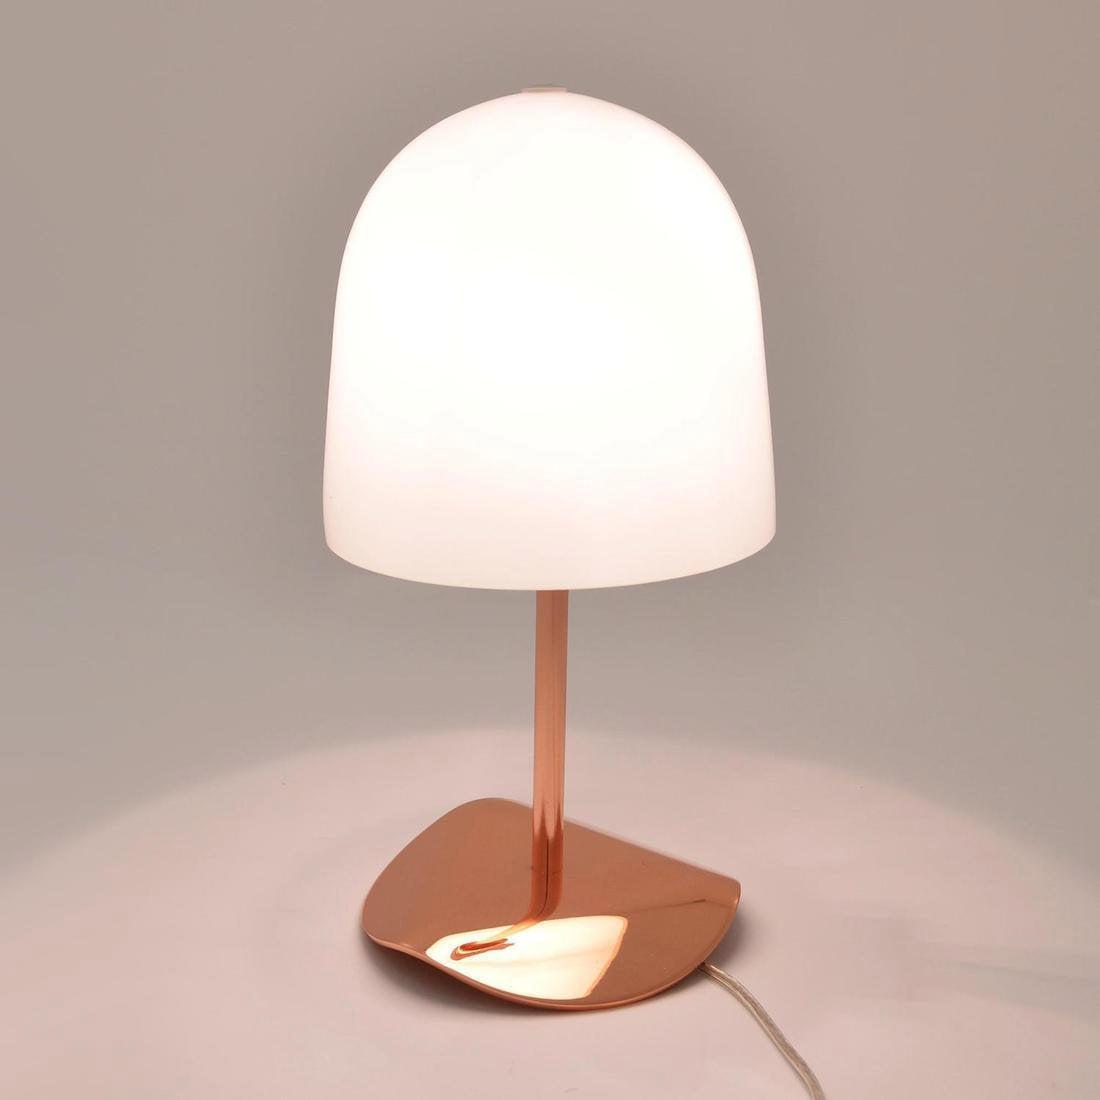 Lampe, design, verre blanc et cuivré, LO EDITIONS Shiny